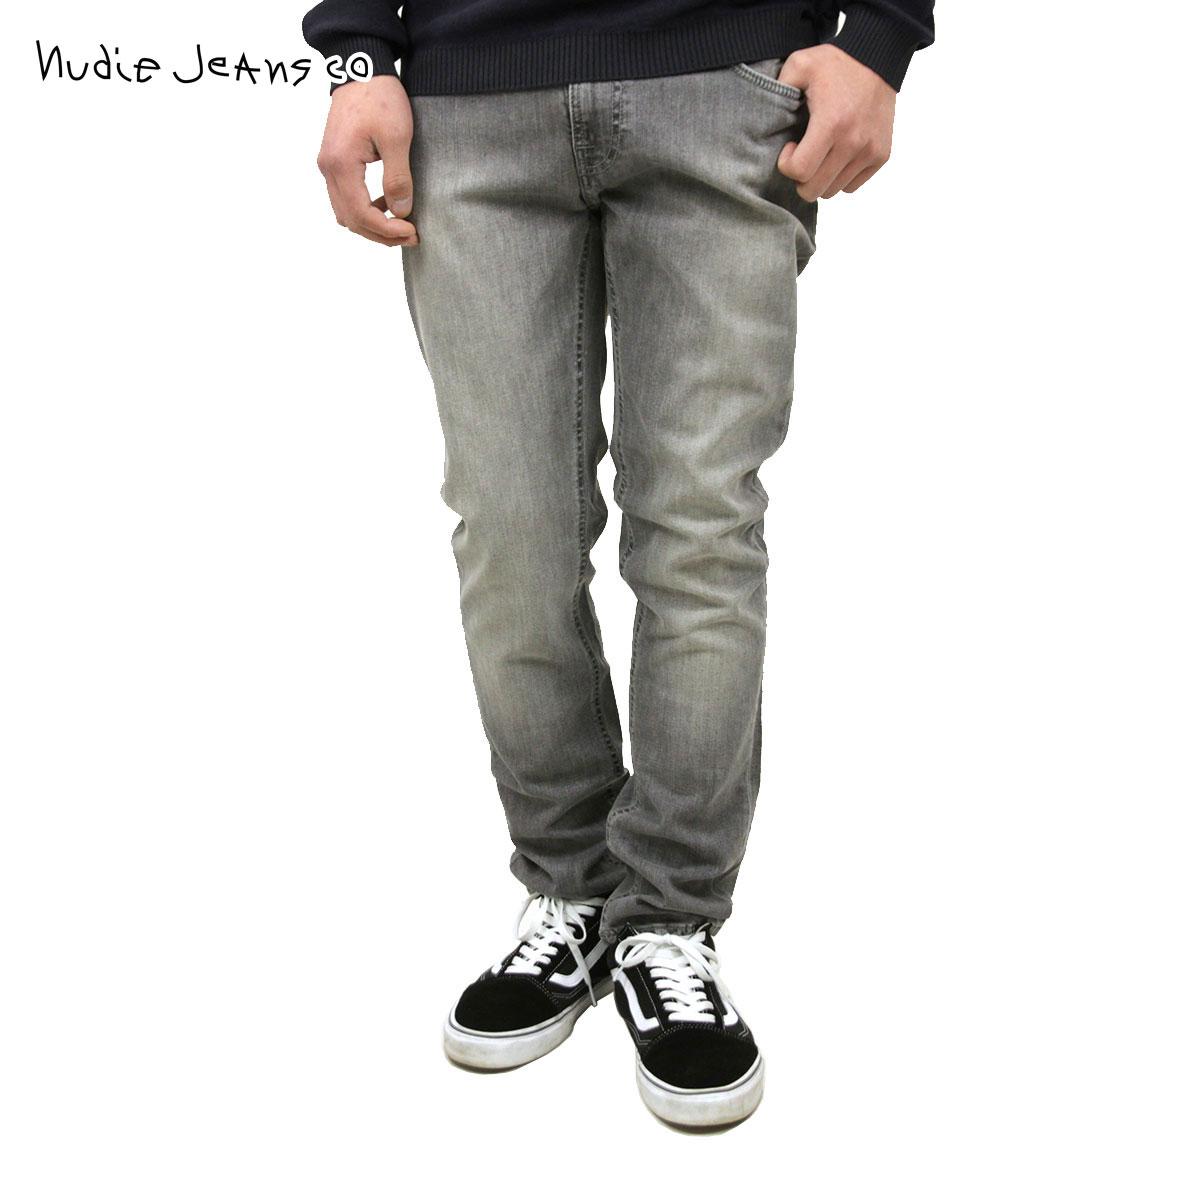 ヌーディージーンズ Nudie Jeans 正規販売店 メンズ ジーンズ Thin Finn 557 1119290 1319 Dark Pavement D00S20